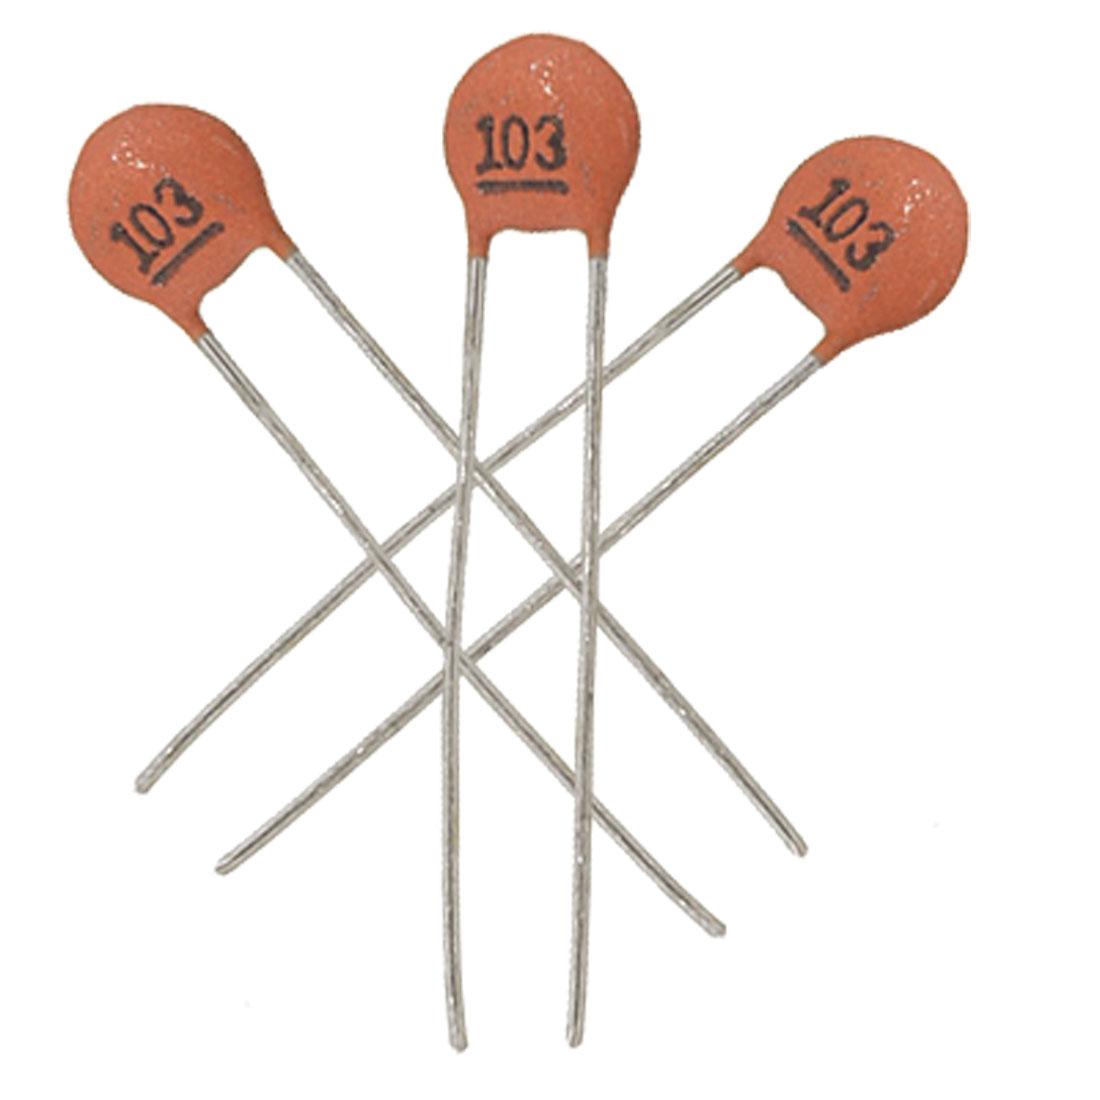 50 x 10000pF 5OV DIP Low Voltage Ceramic Disc Capacitors